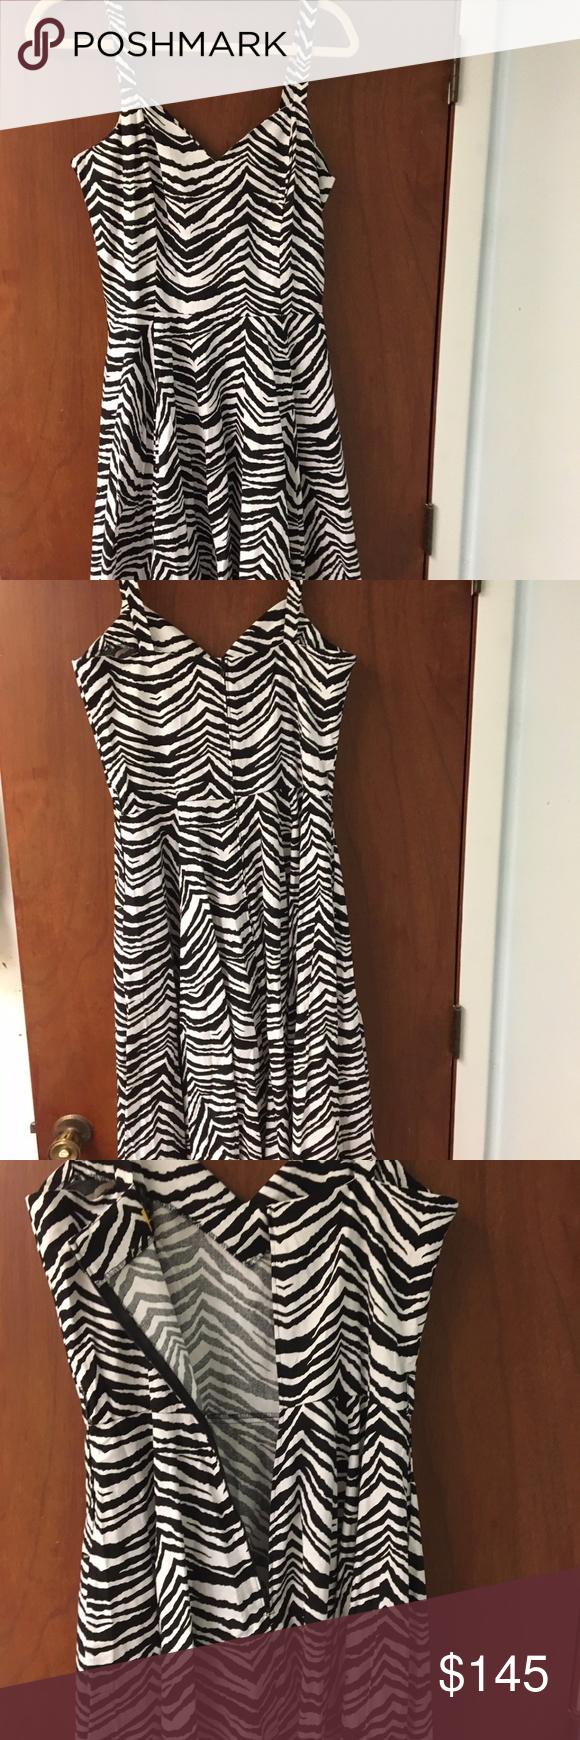 Bernie Dexter Vera Dress In Zebra Print Comes With Black Belt 100 Cotton Long Zipper In Back Hidden Lipstick Pockets Made Dresses Clothes Design Dexter Dress [ 1740 x 580 Pixel ]